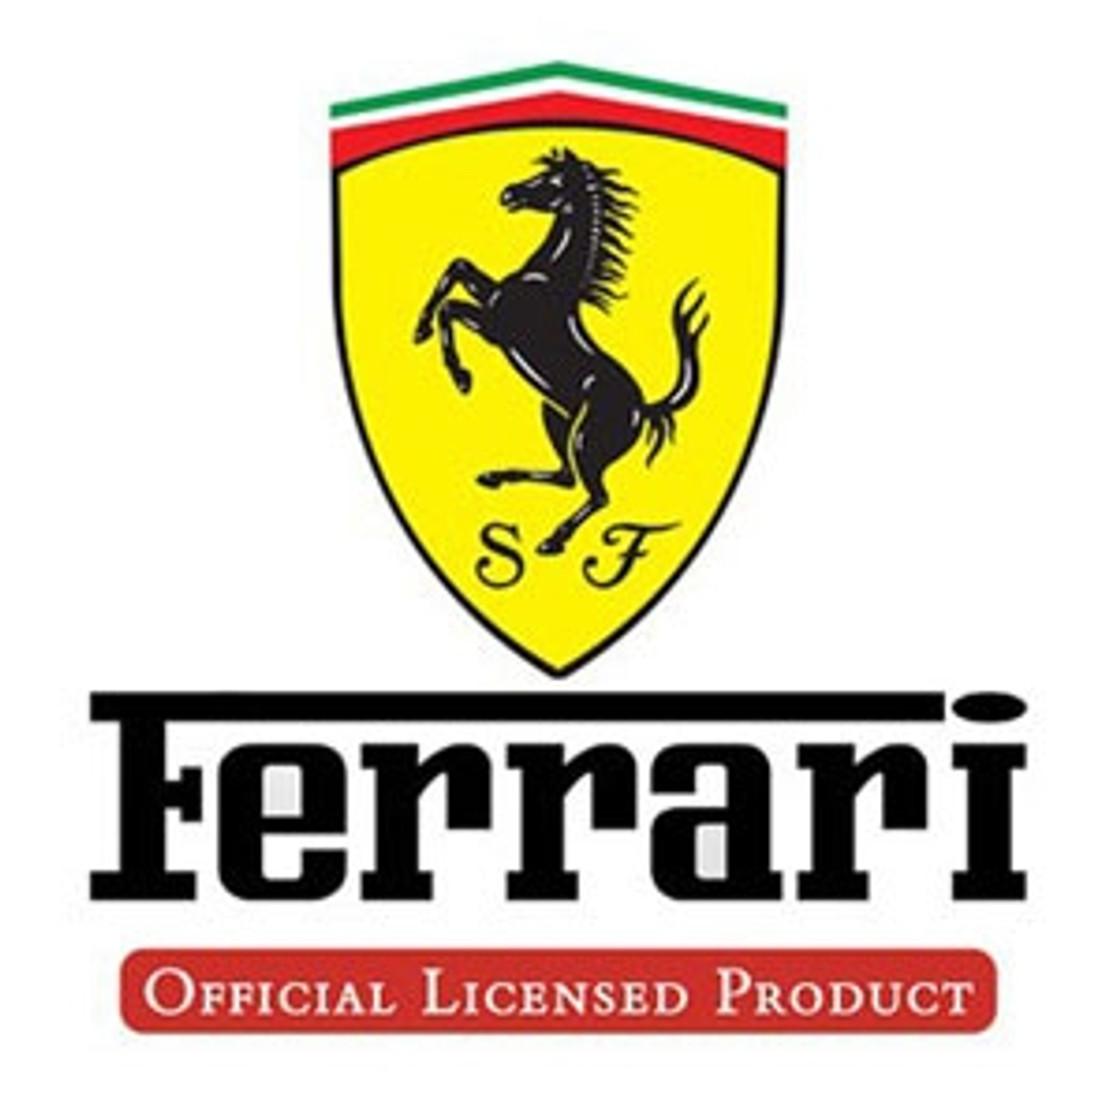 Ferrari by Sheaffer